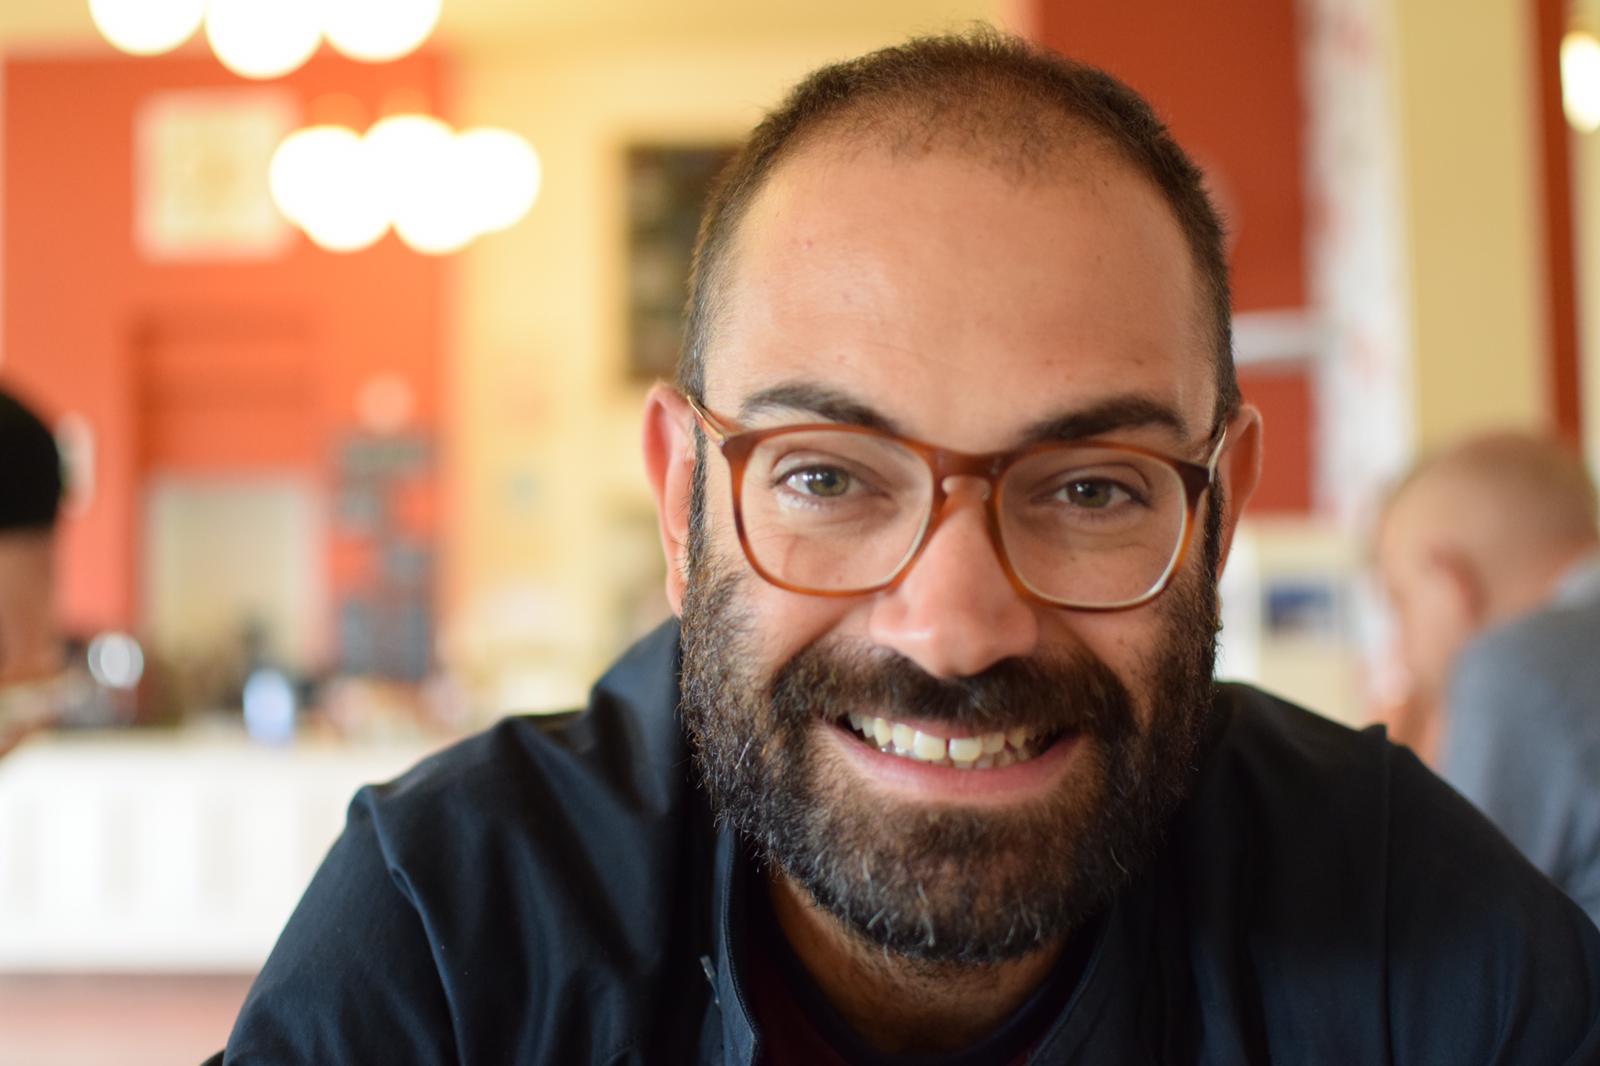 Luca Coppari